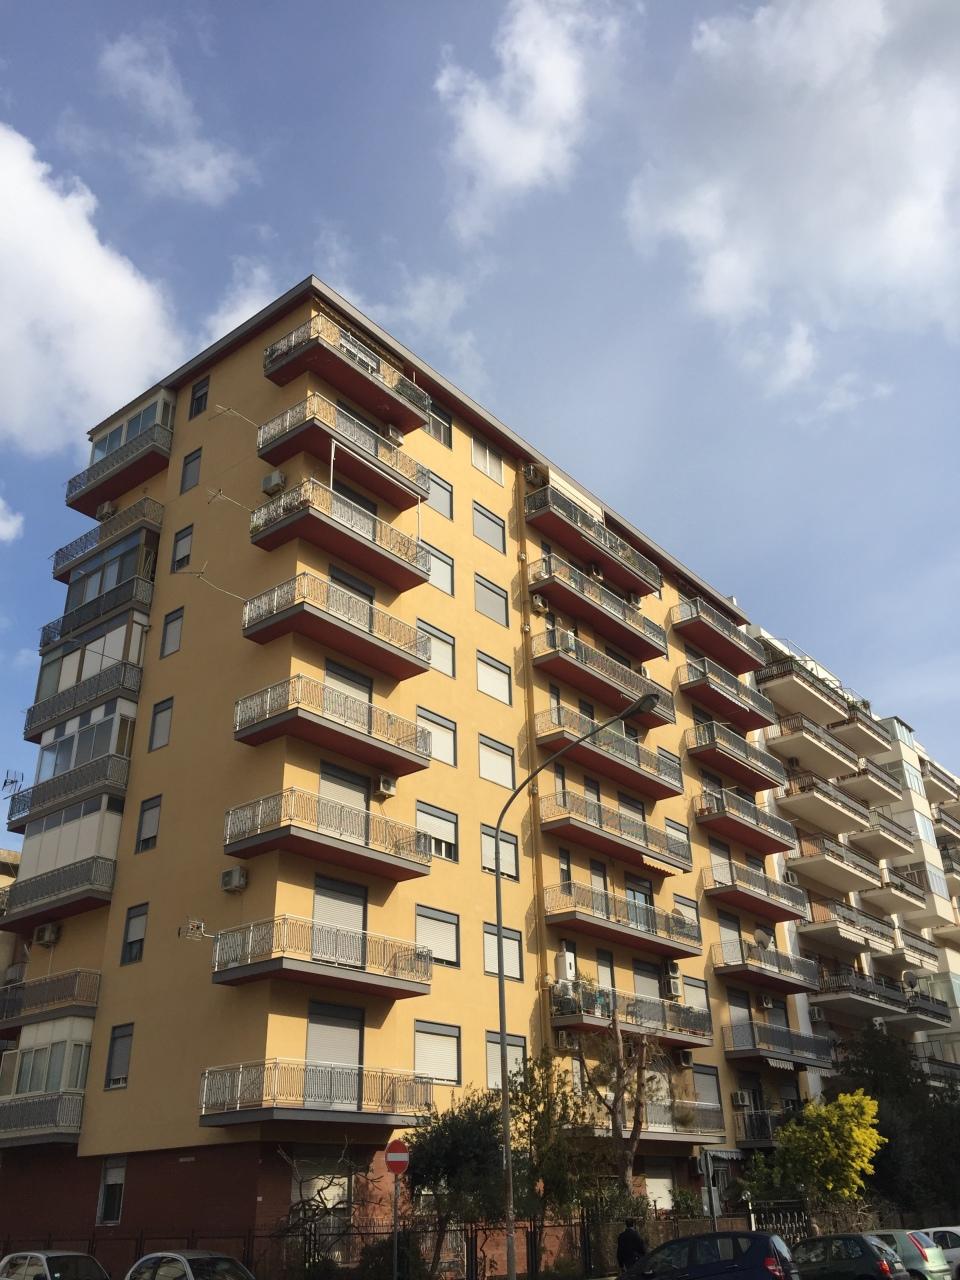 palermo vendita quart: nebrodi errebicasa-immobiliare-rossella-borzellieri-di-rosalia-borzellieri